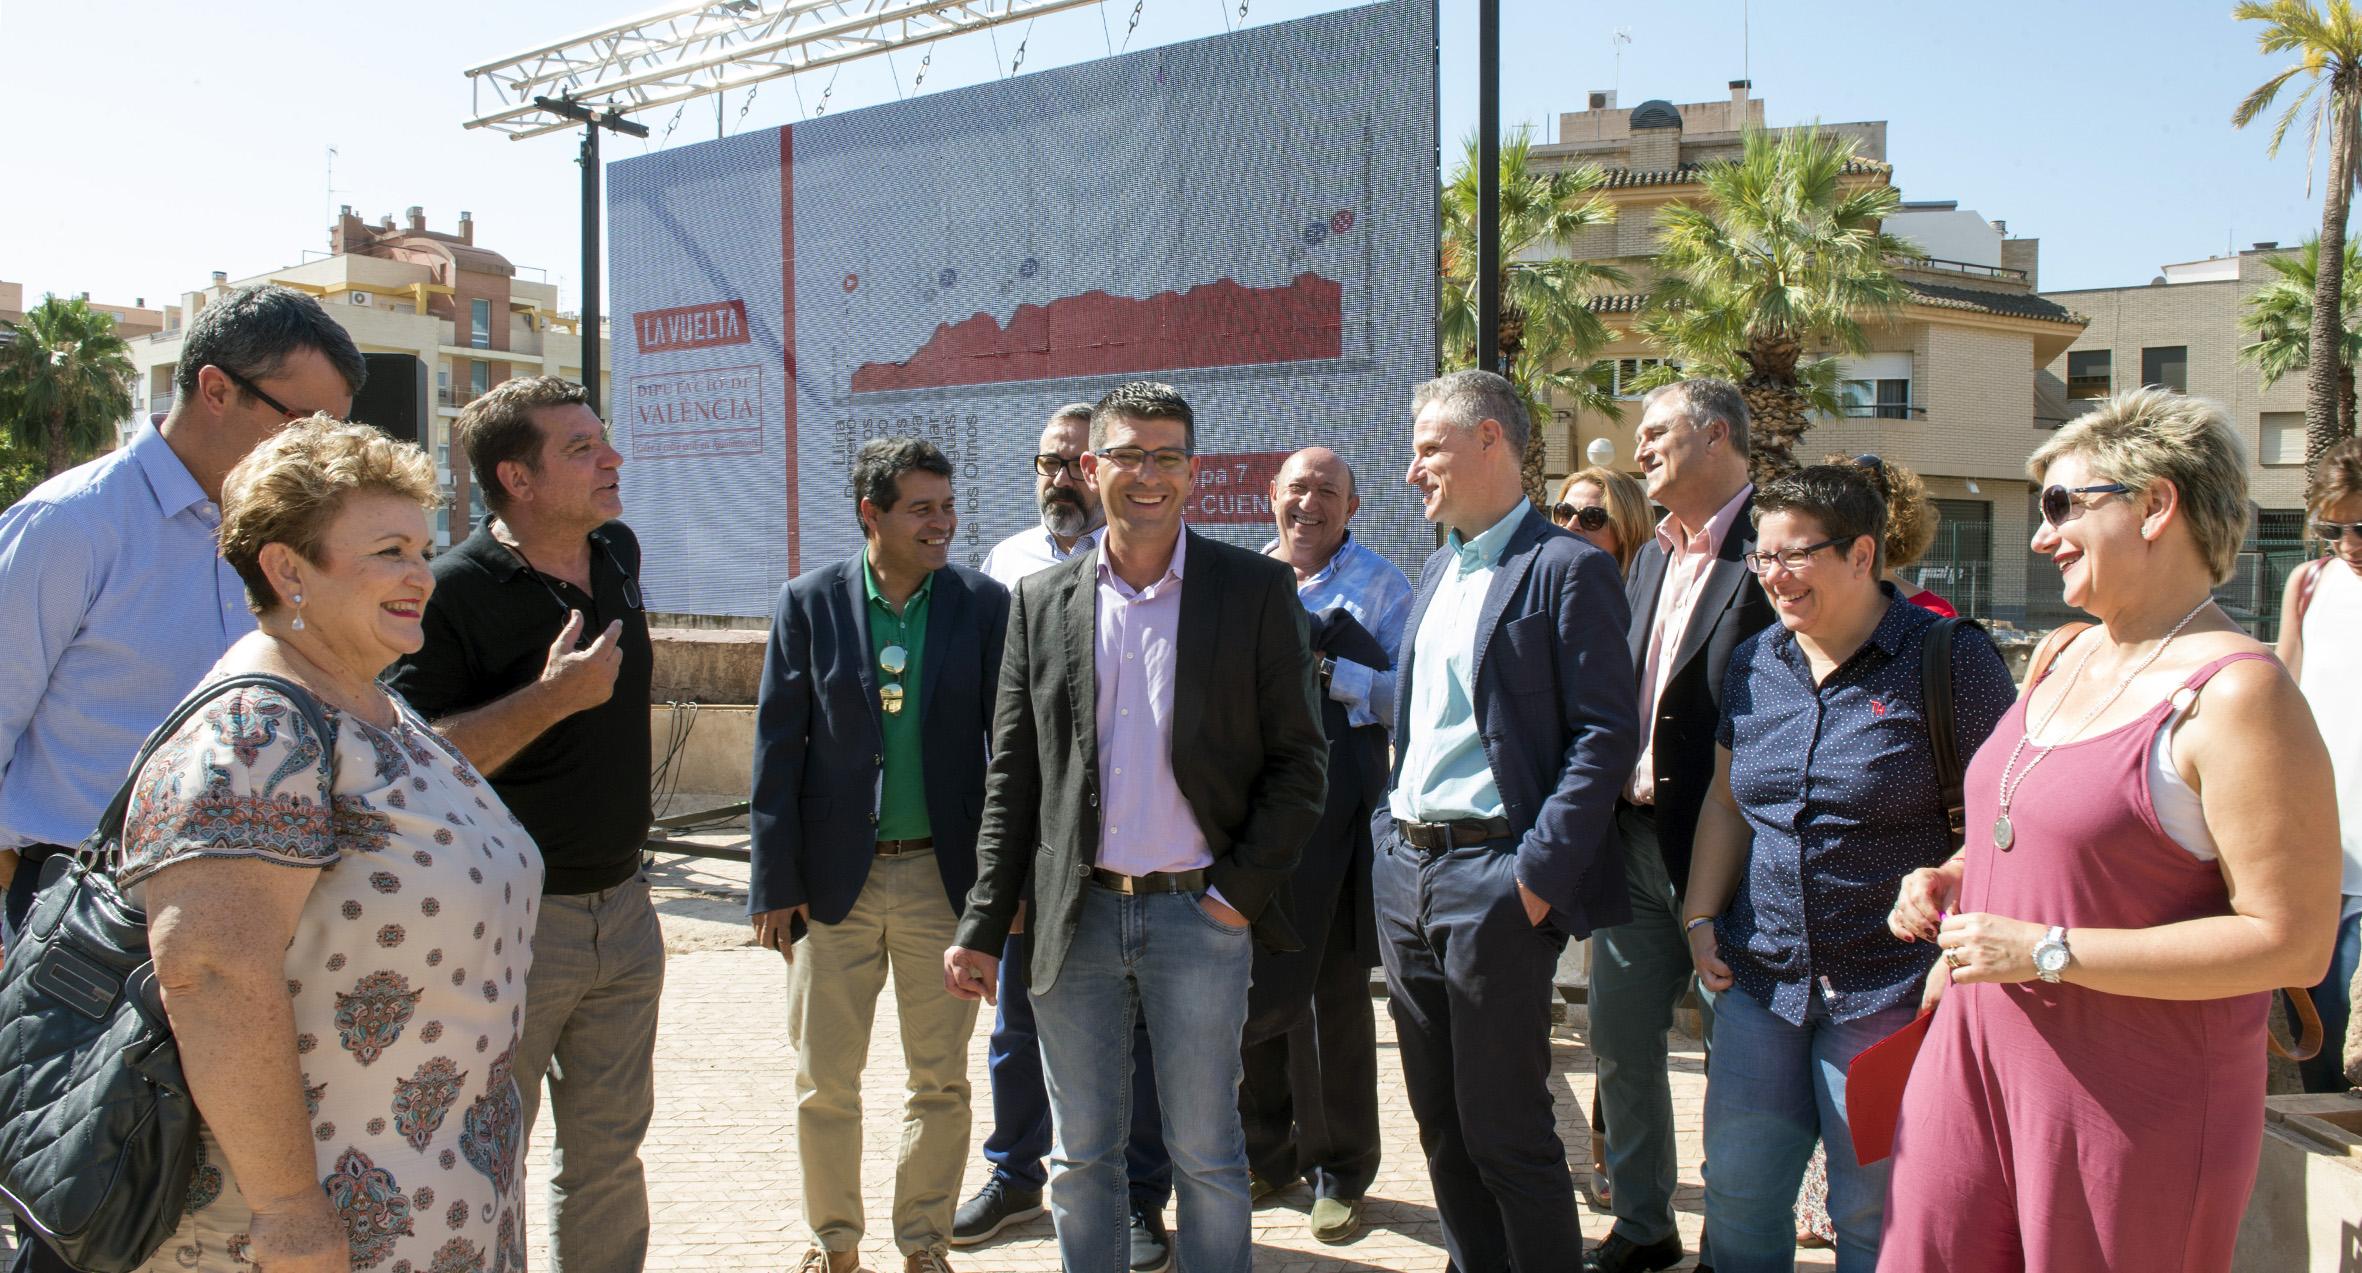 El presidente de la Diputación, Jorge Rodríguez, con Javier Guillén y otros diputados durante la presentación de la Vuelta 2017.